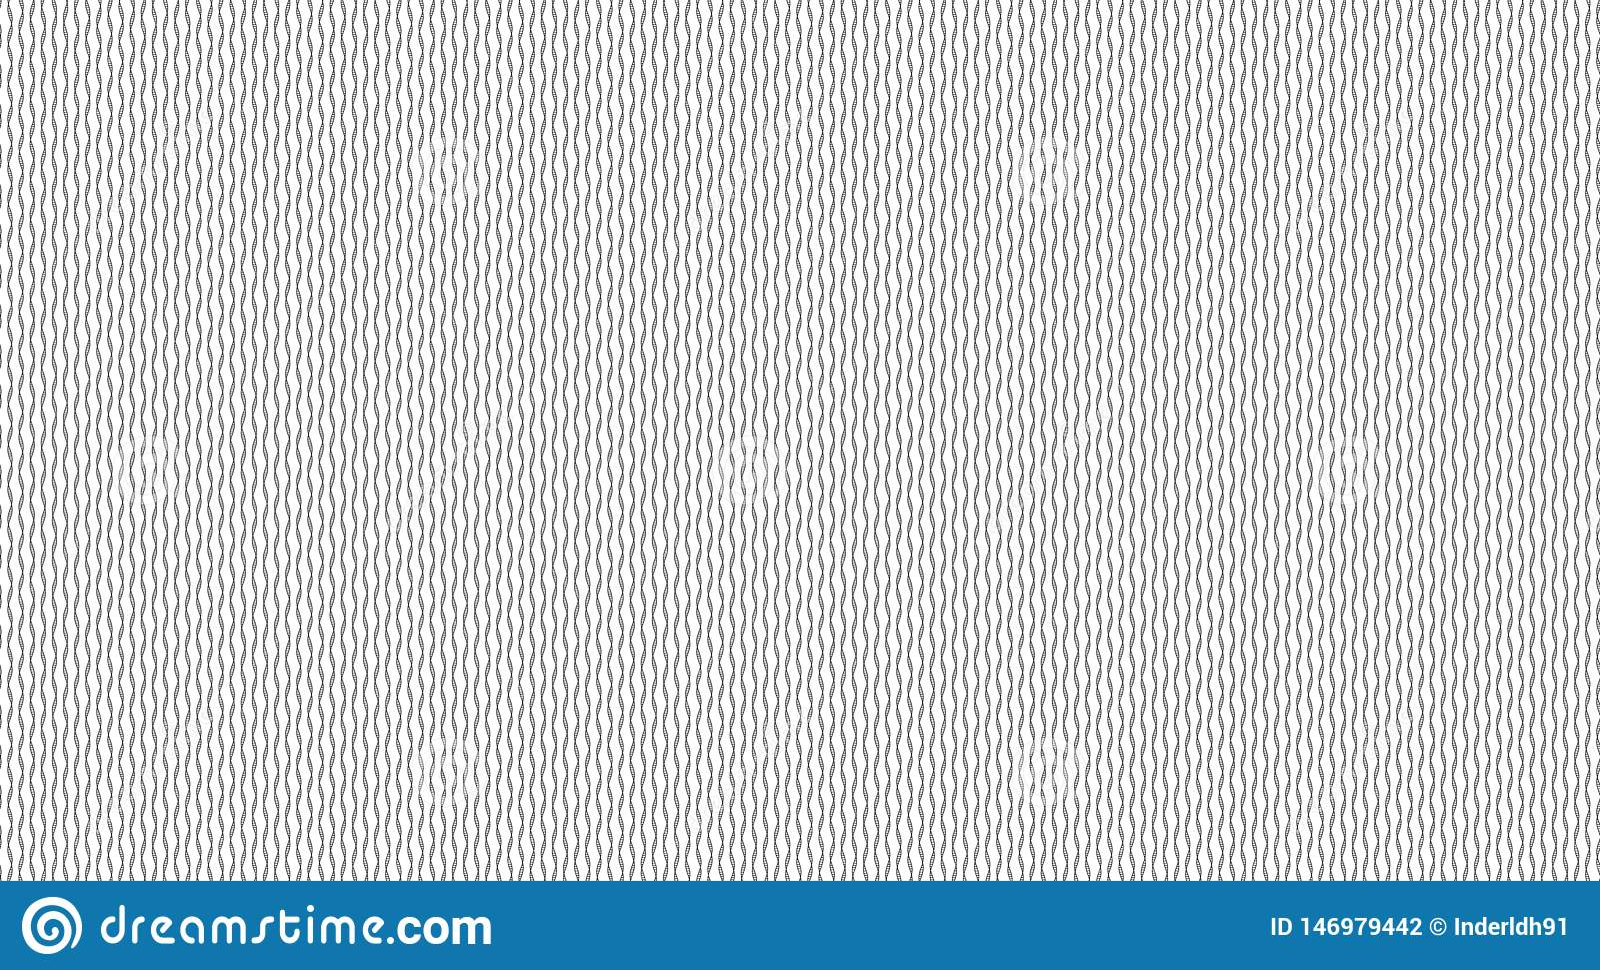 Weißes bacground, DNA grauer Entwurf, D n A